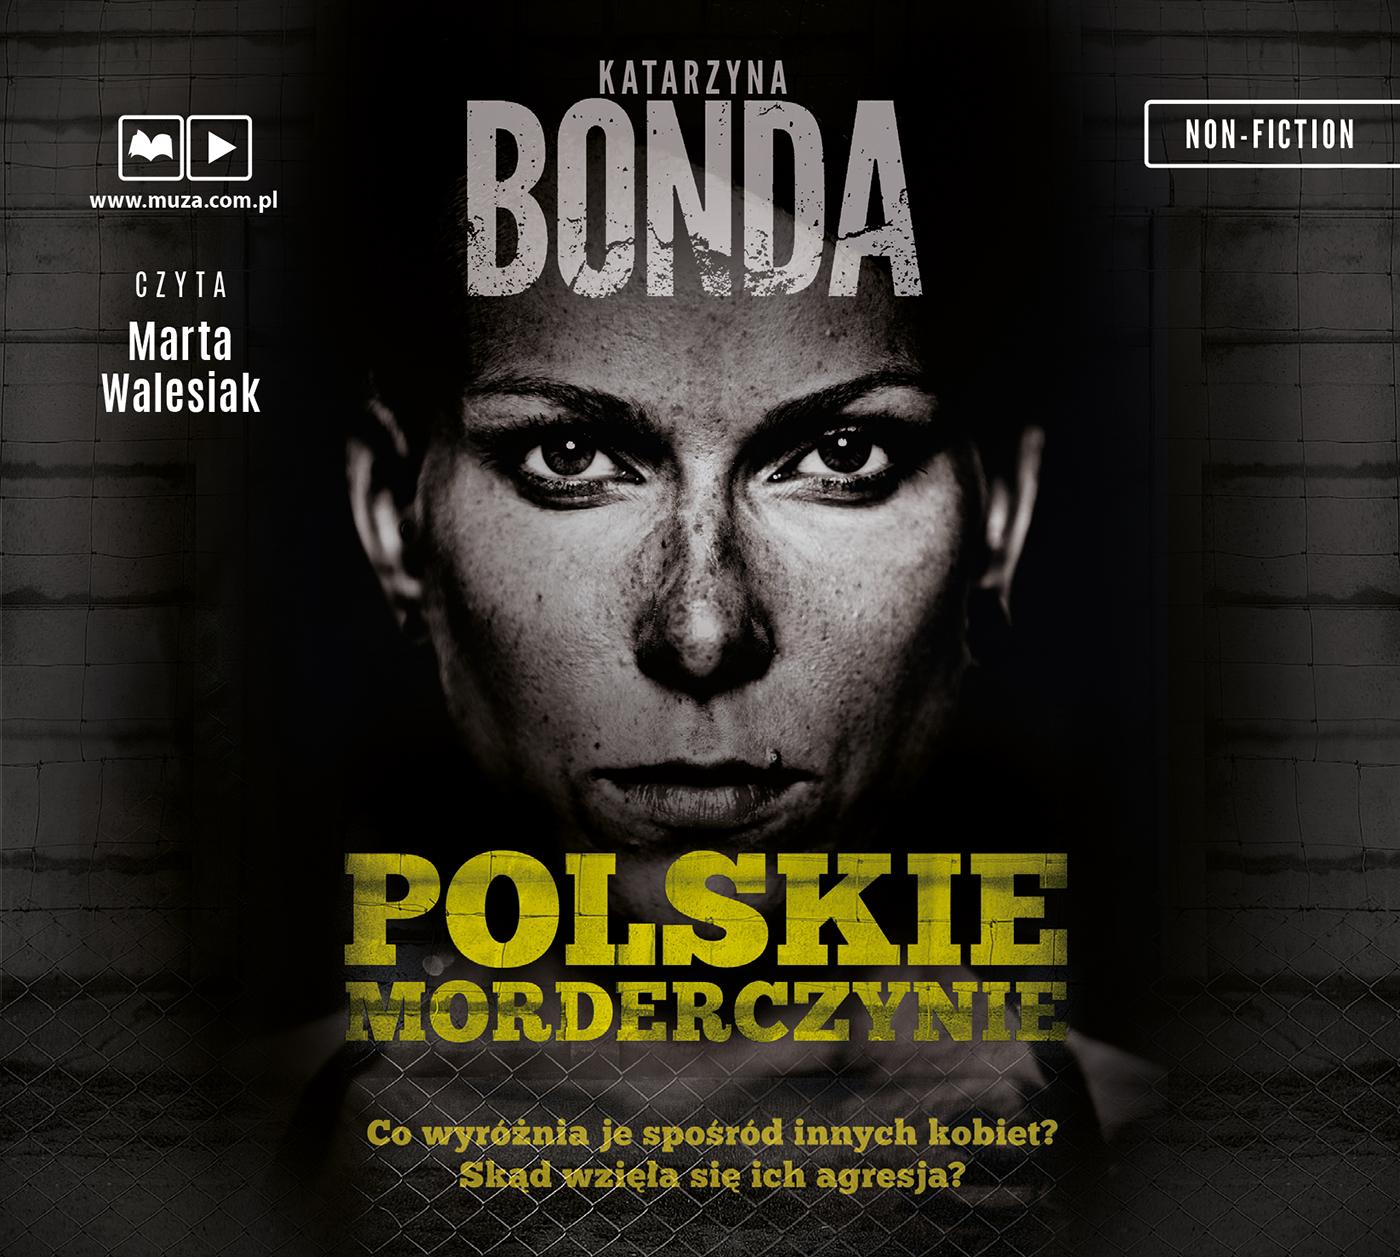 BONDA KATARZYNA – POLSKIE MORDERCZYNIE